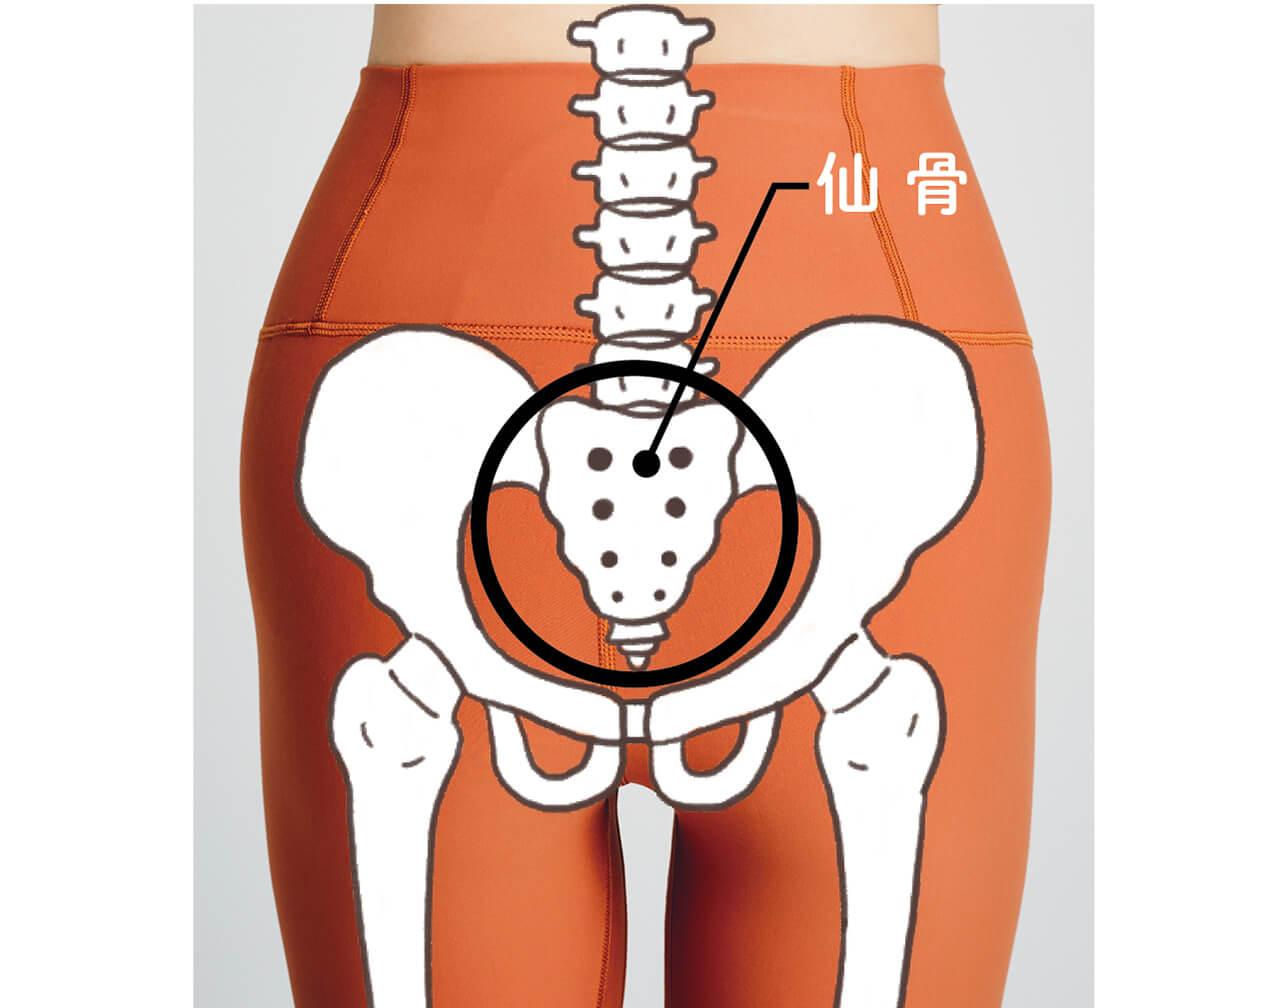 太い血管や多くの神経が通る重要な場所 仙骨